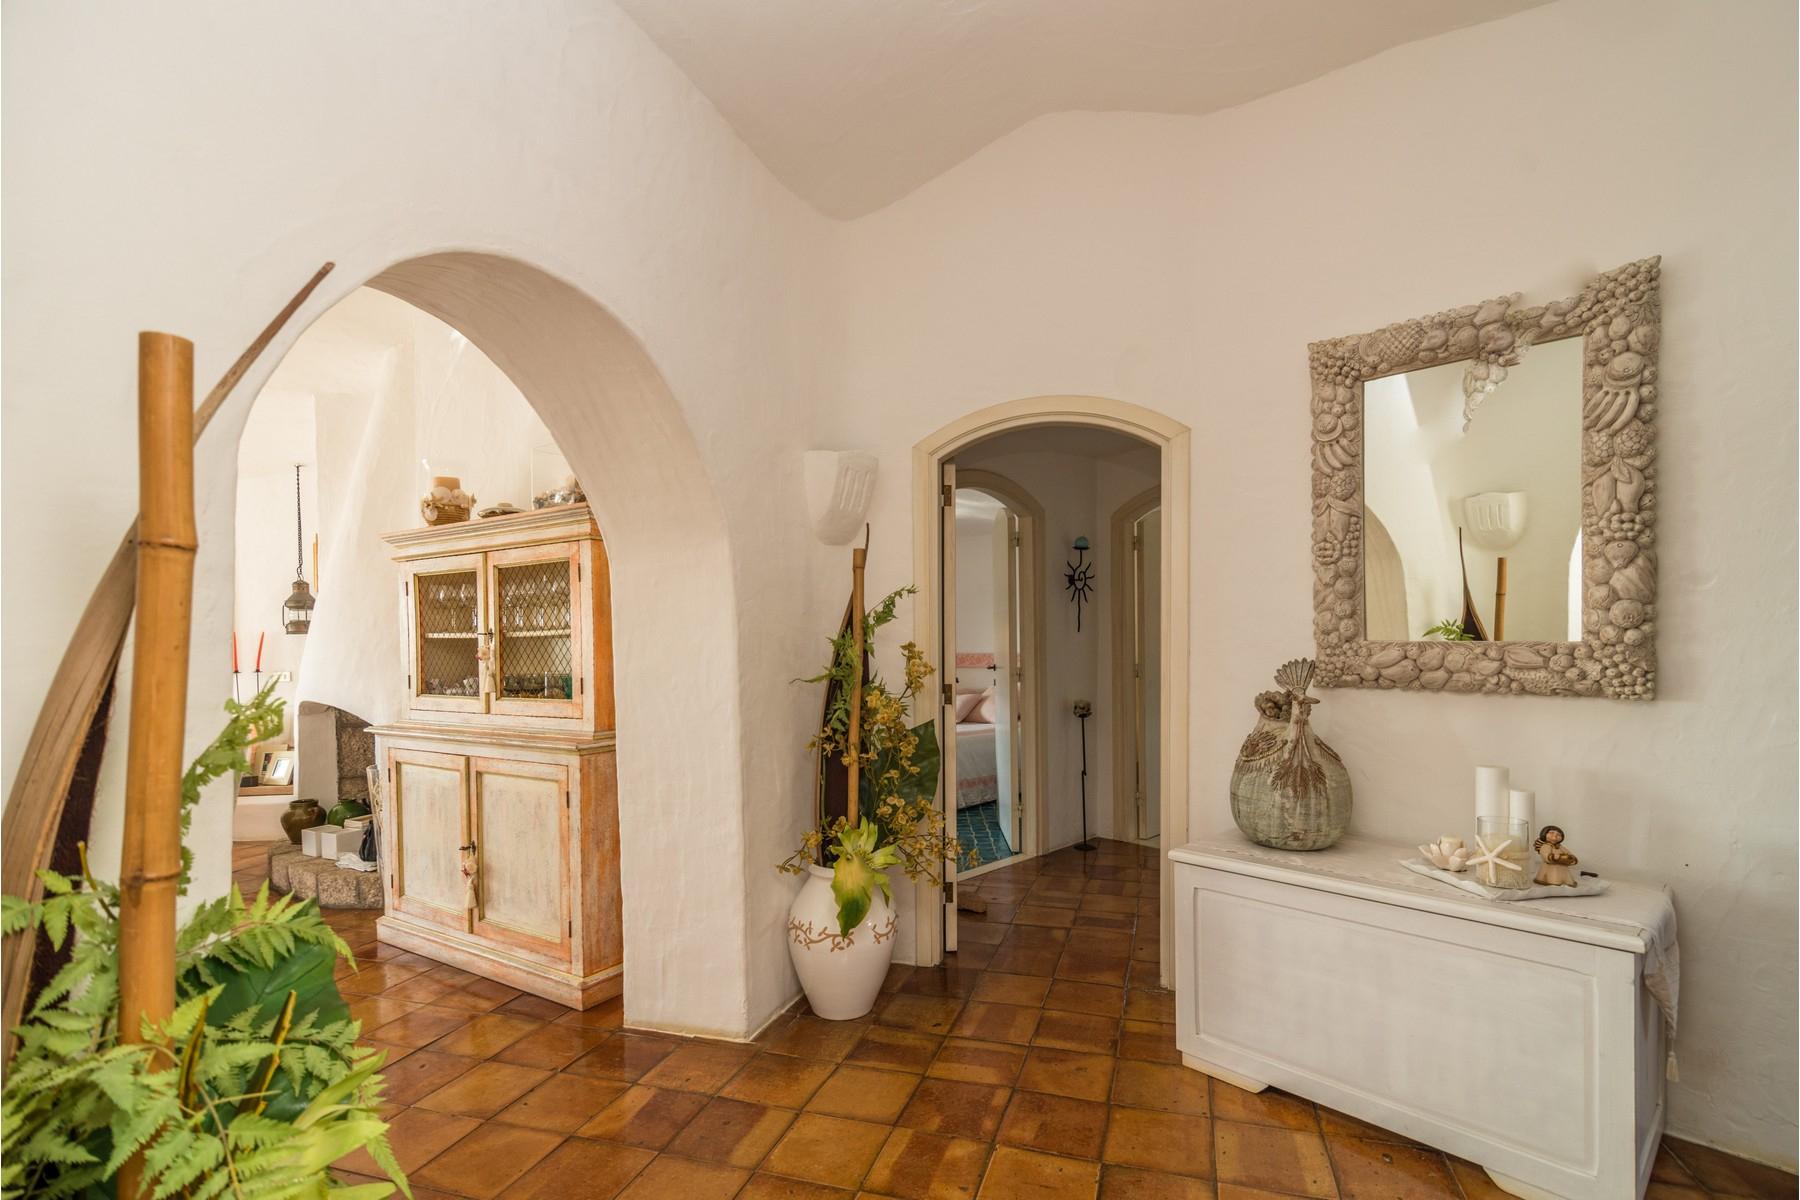 Villa in Vendita a Arzachena: 5 locali, 173 mq - Foto 10